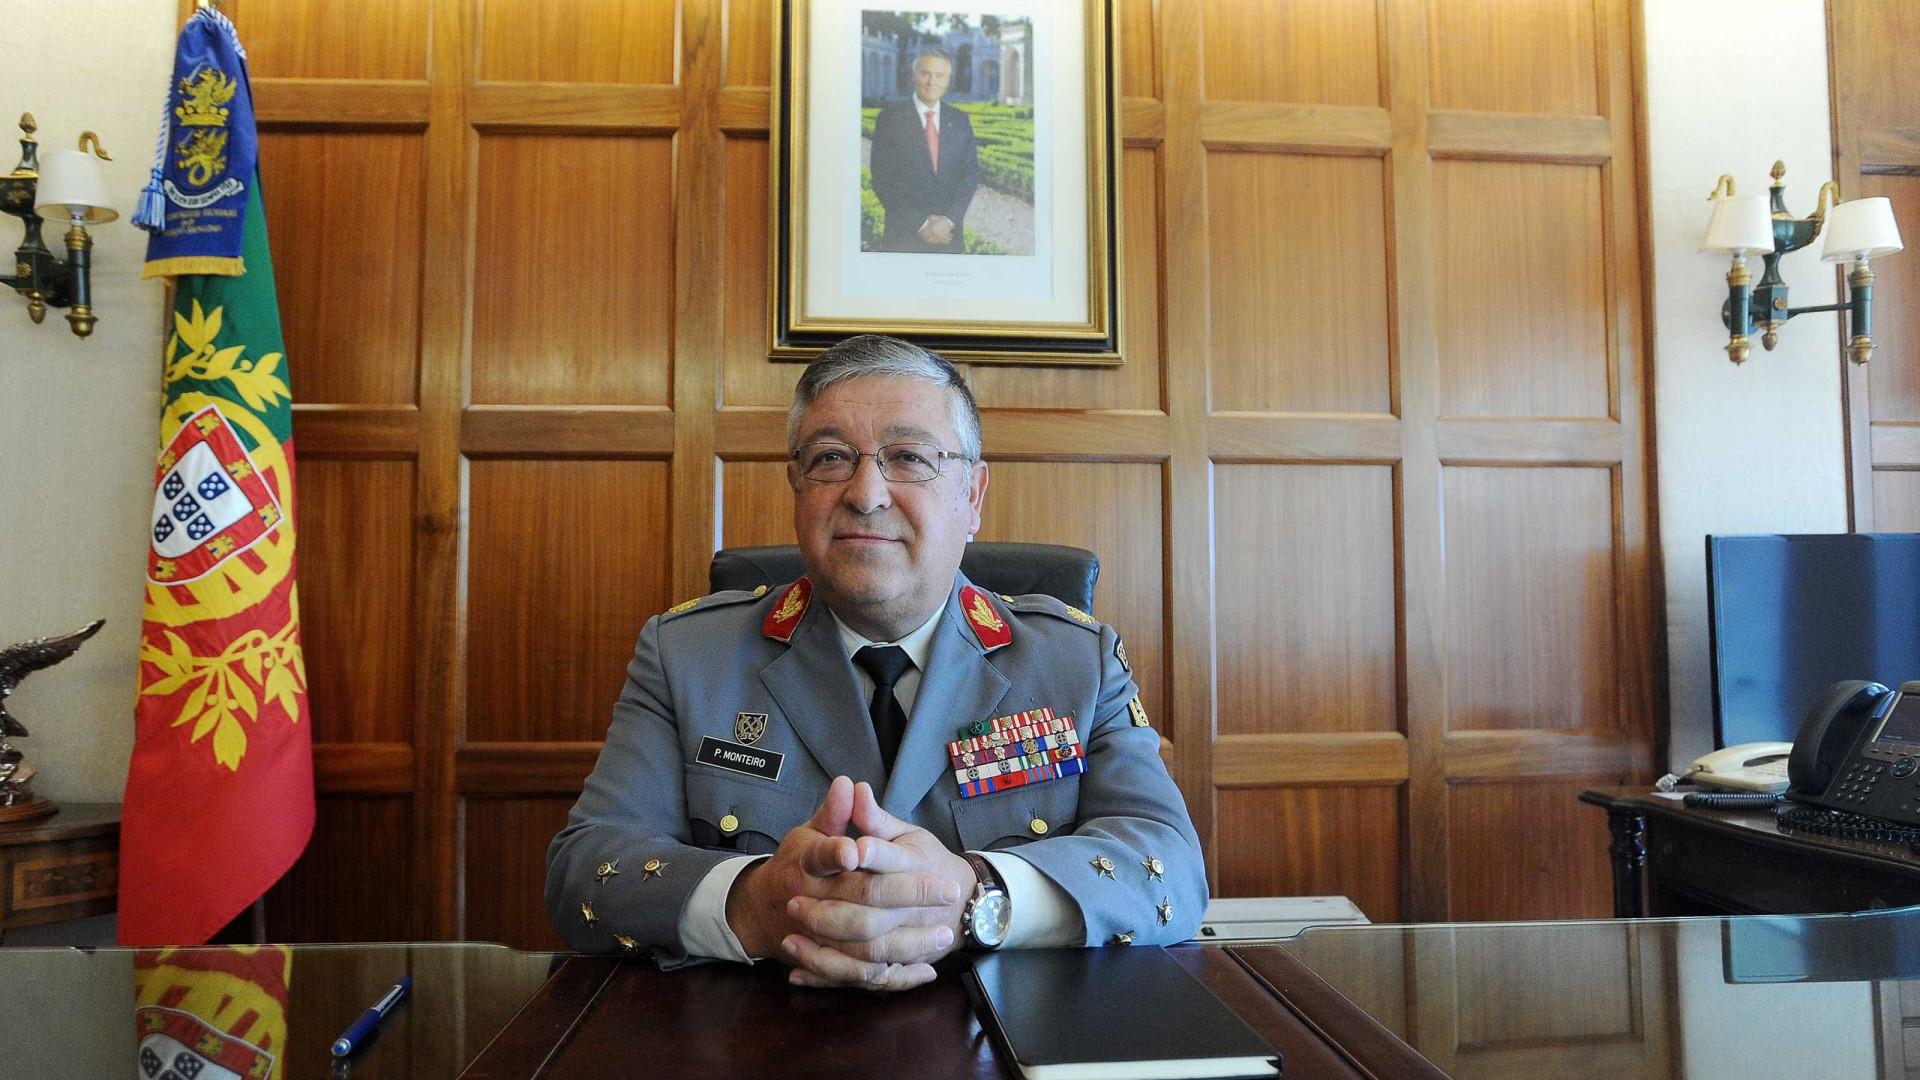 Chefe do Estado-Maior ouvido no Parlamento por falta de efetivos